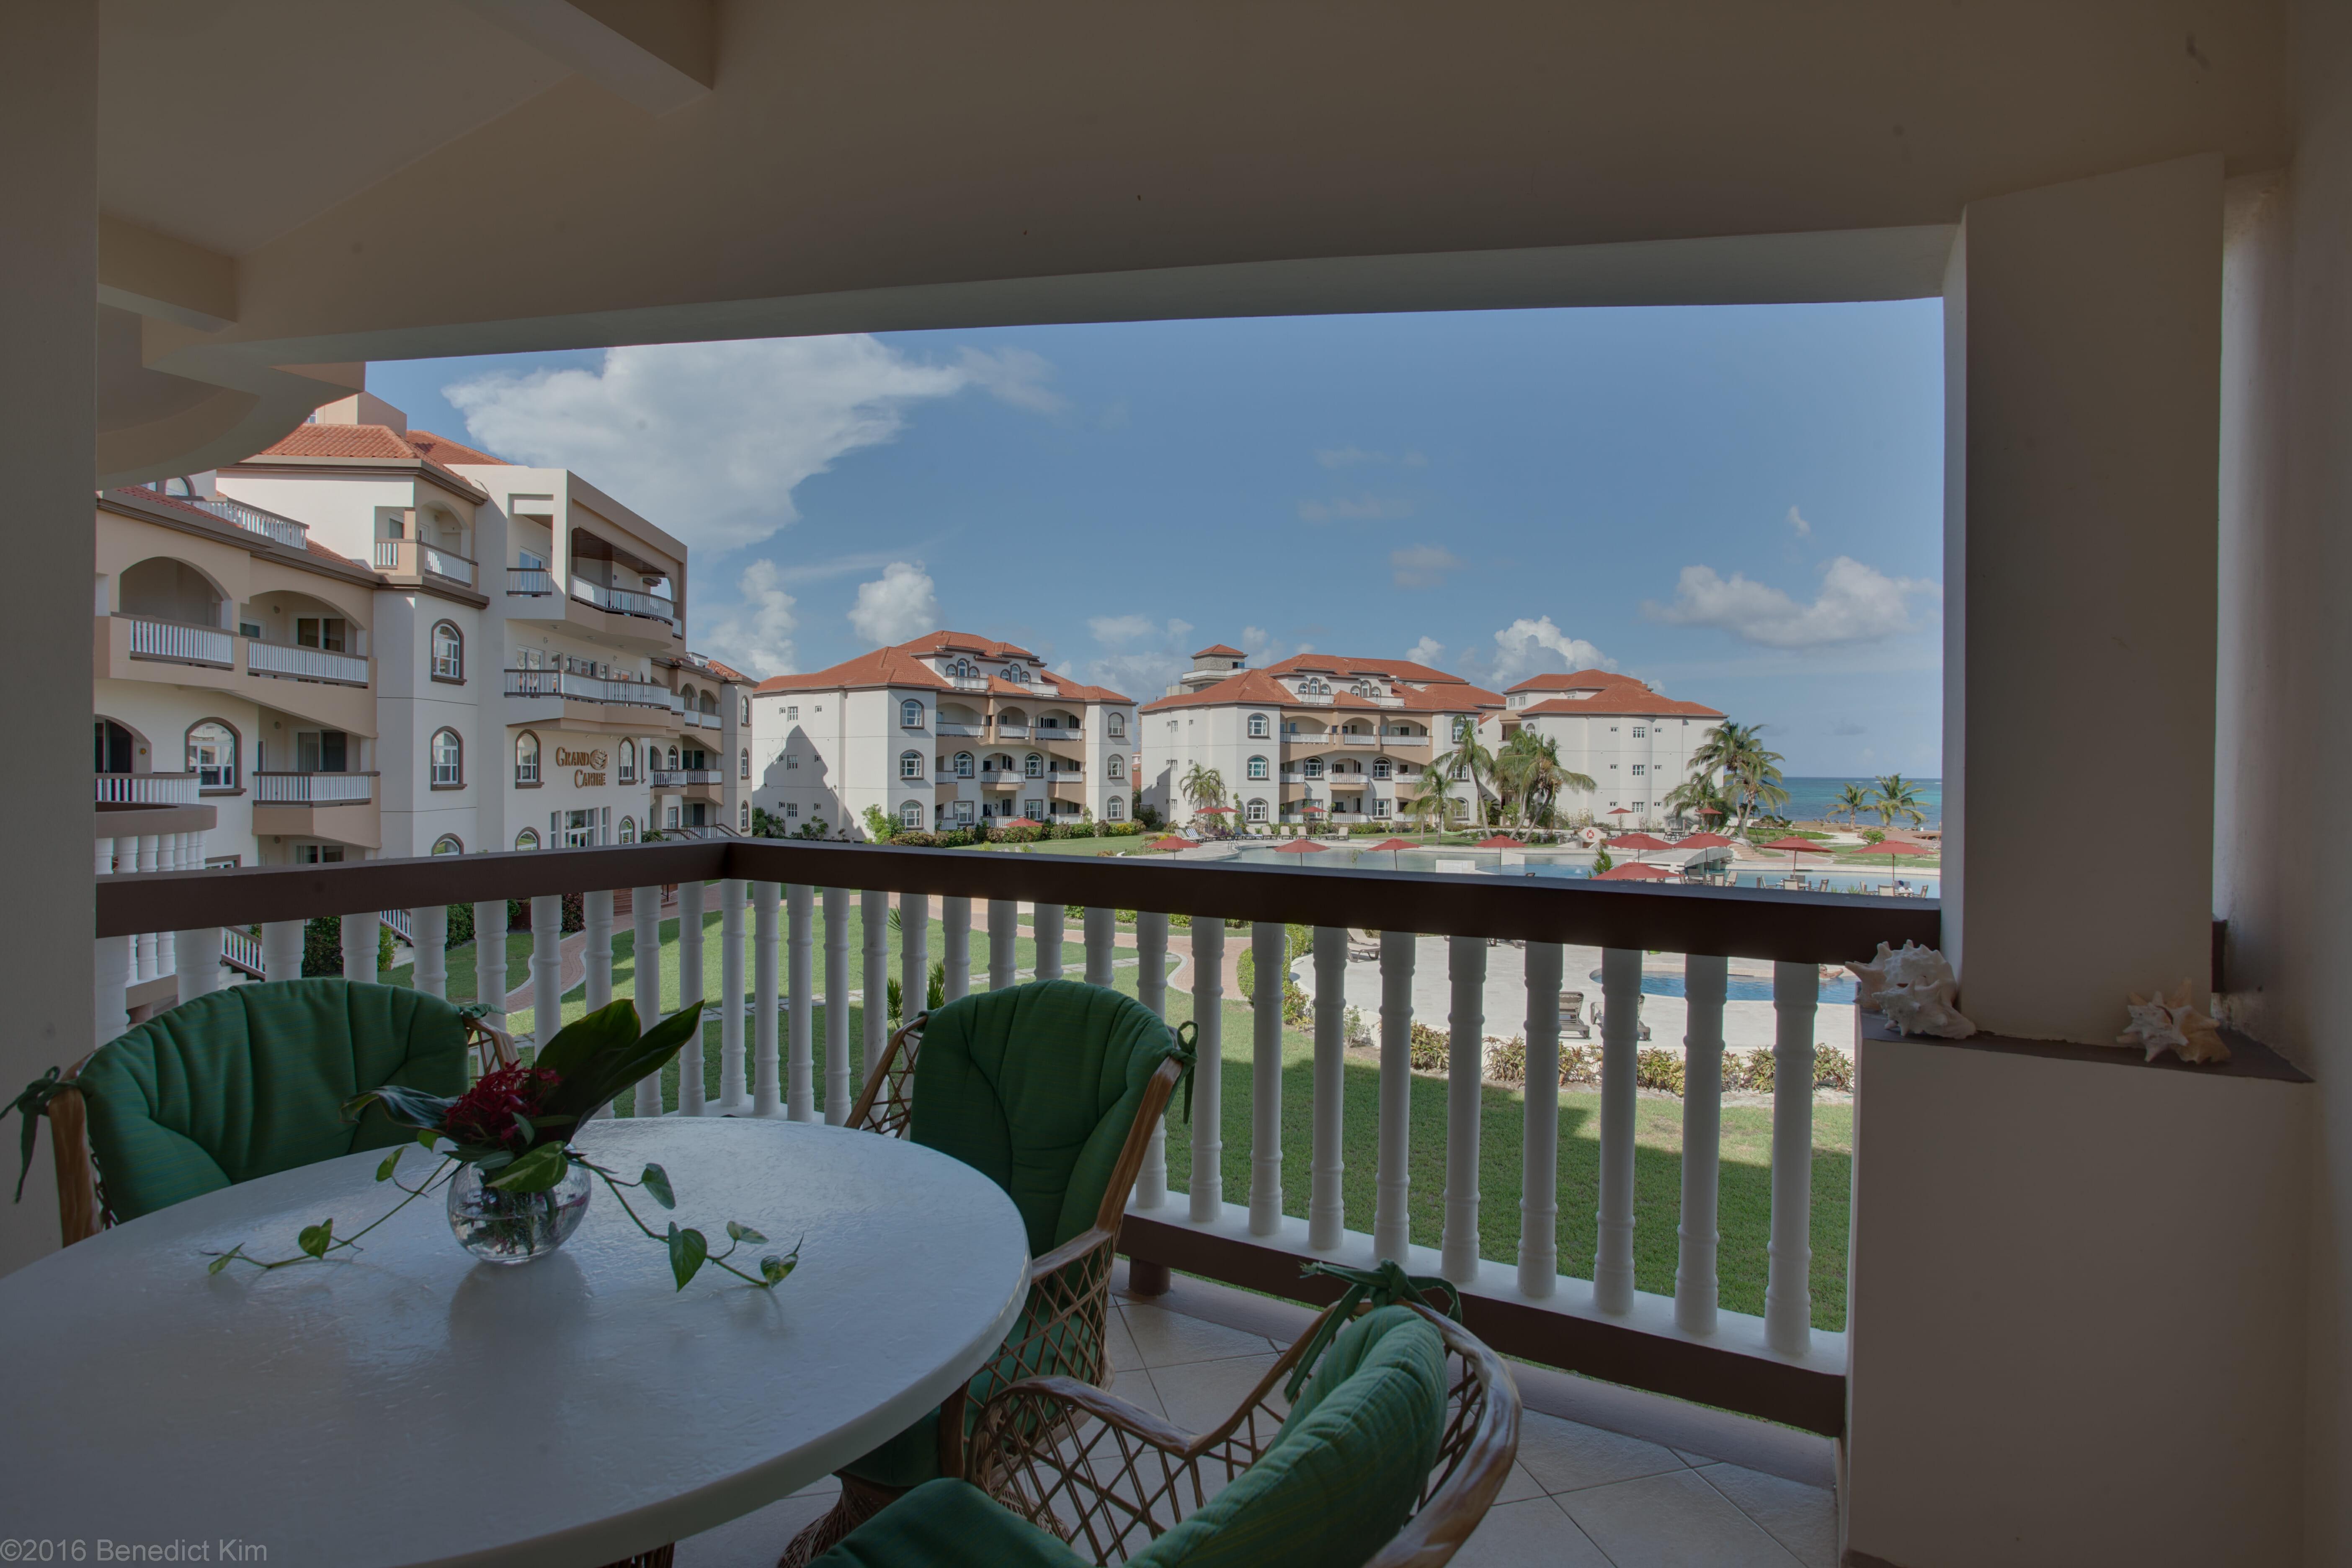 Grand Caribe Condo 2BR : F4